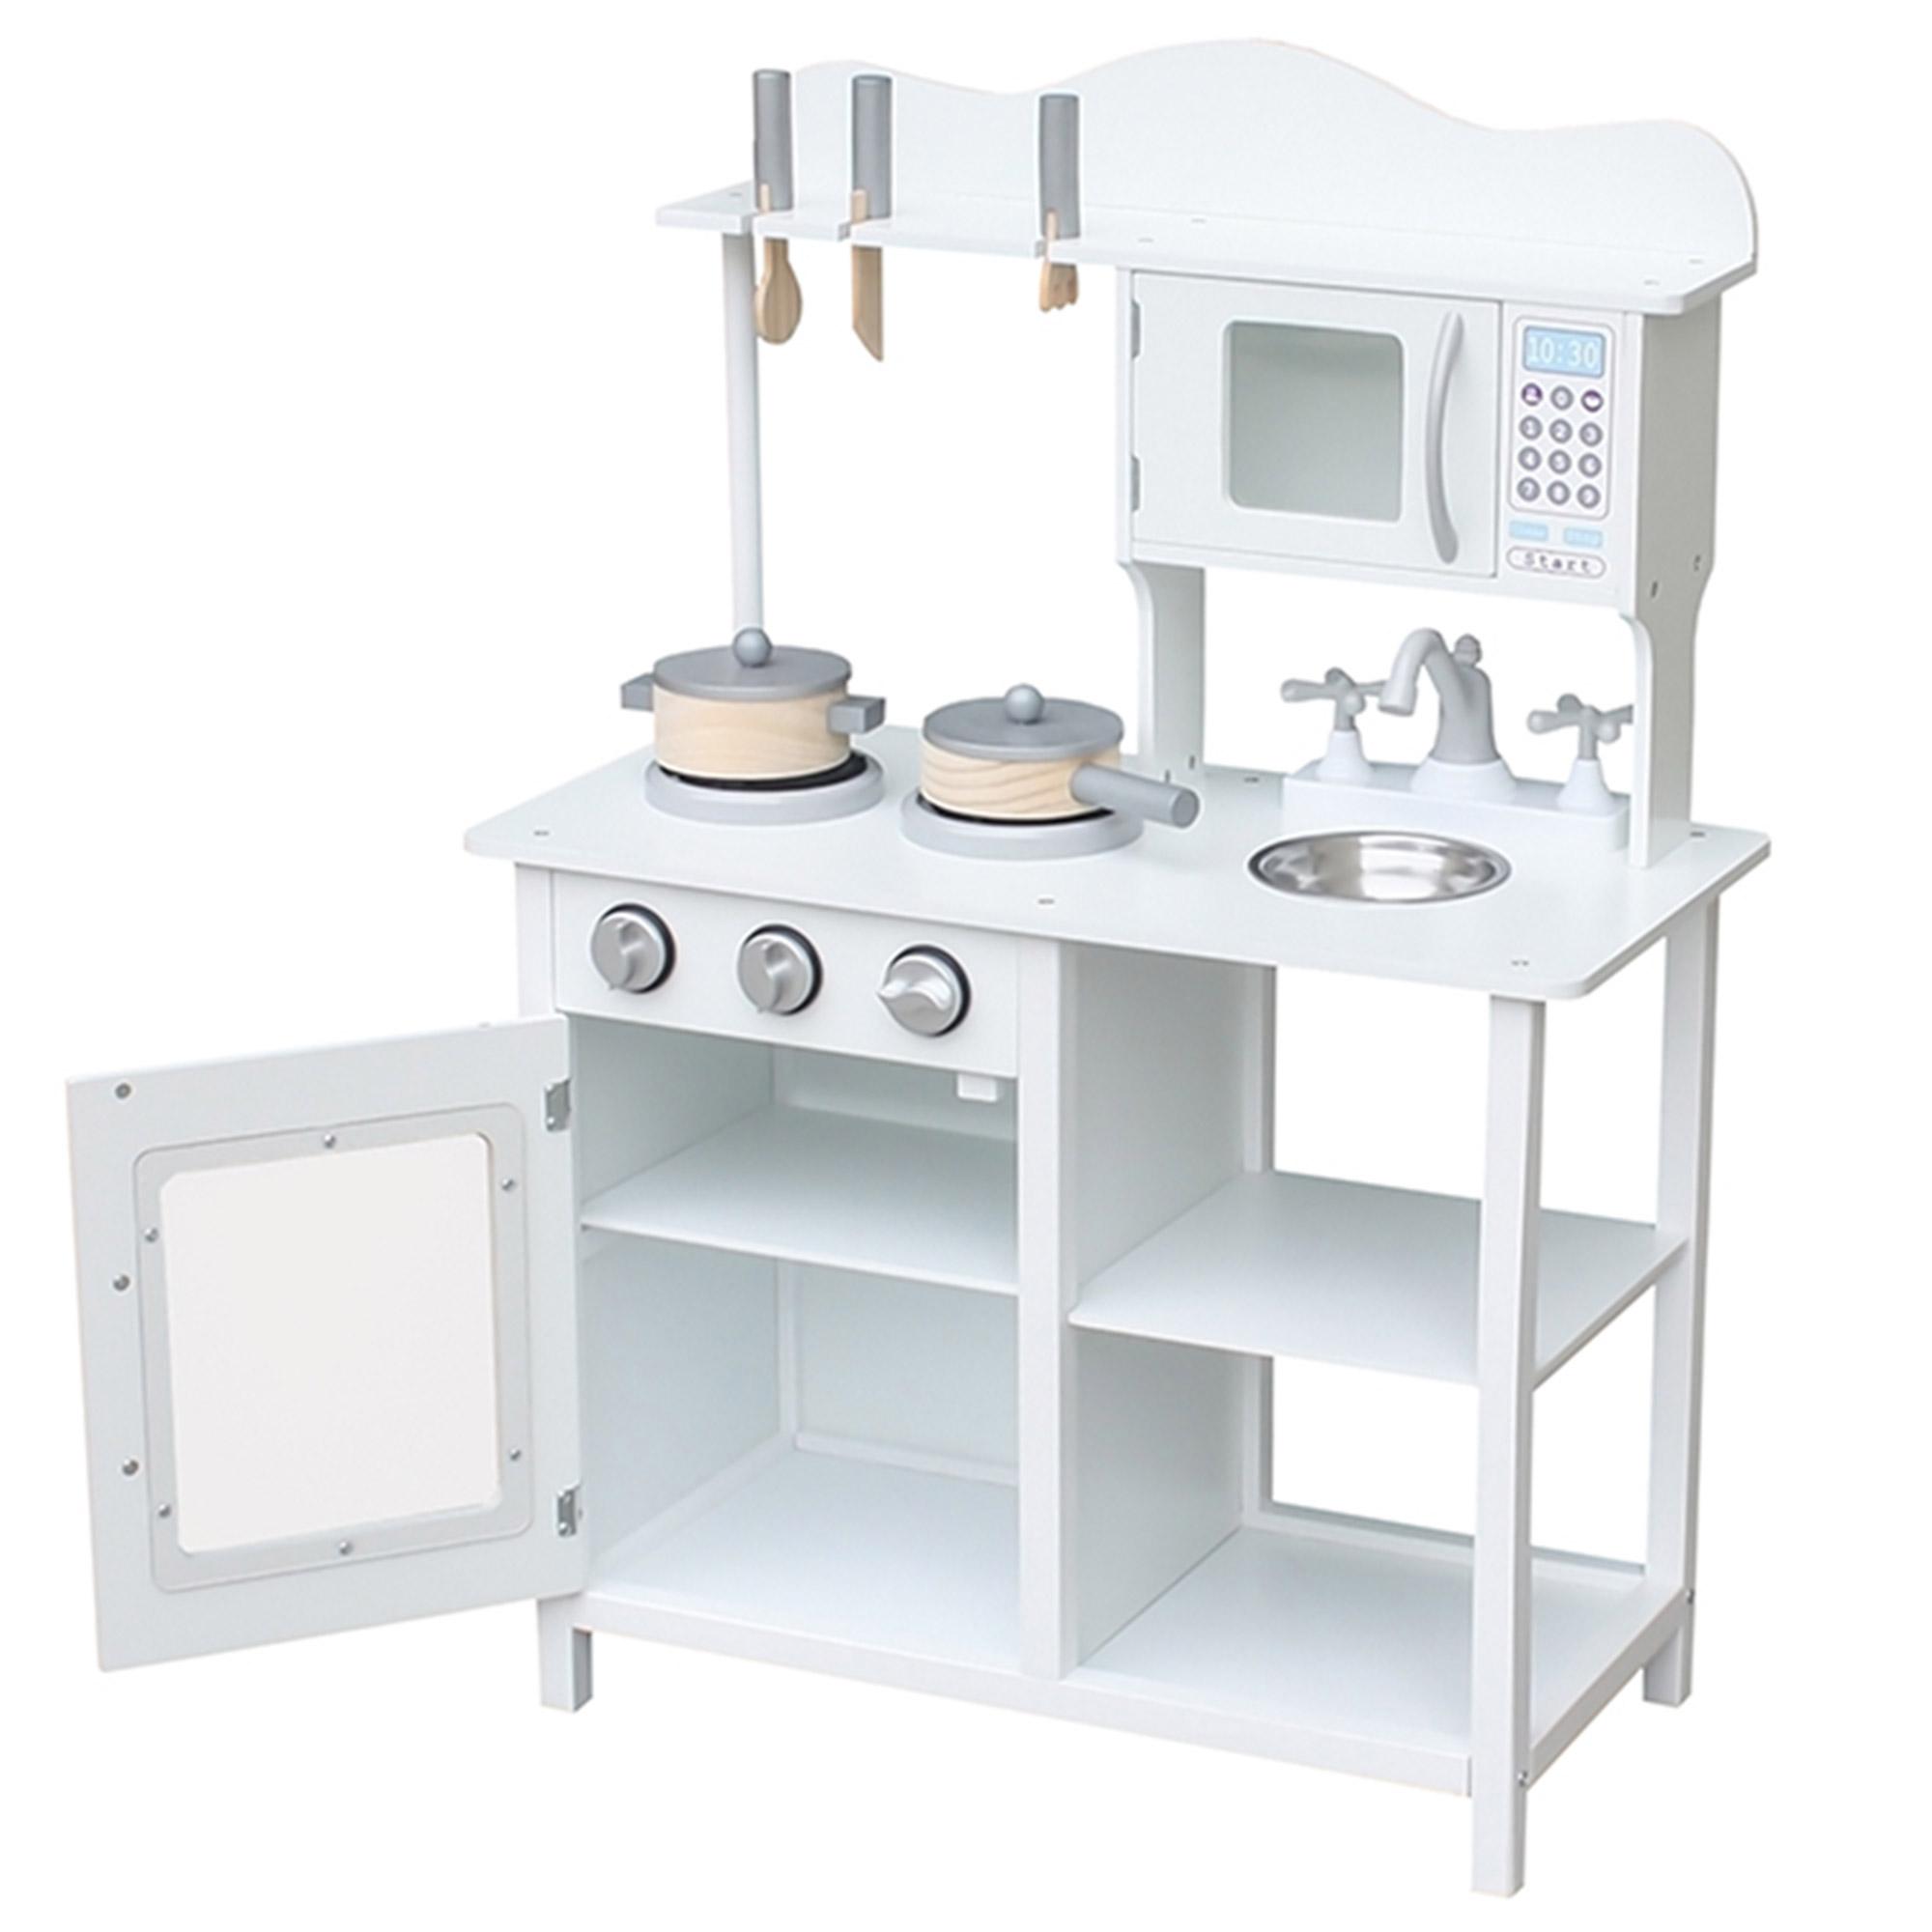 Kuchnia Drewniana Dla Dzieci 60 X 30 X 85 Cm